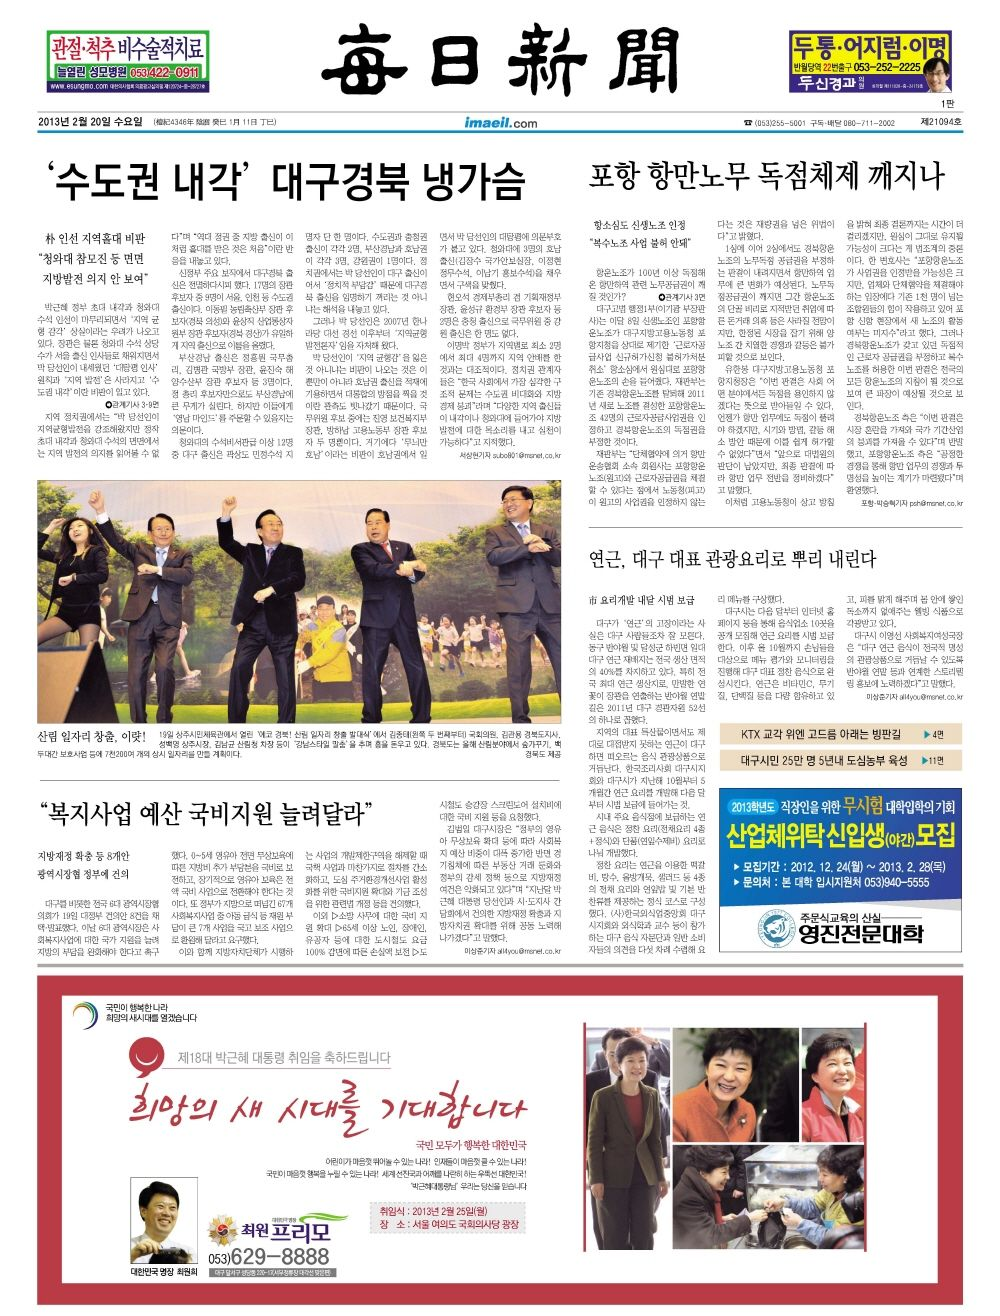 2013년 2월 20일 매일신문 1면(경북판)